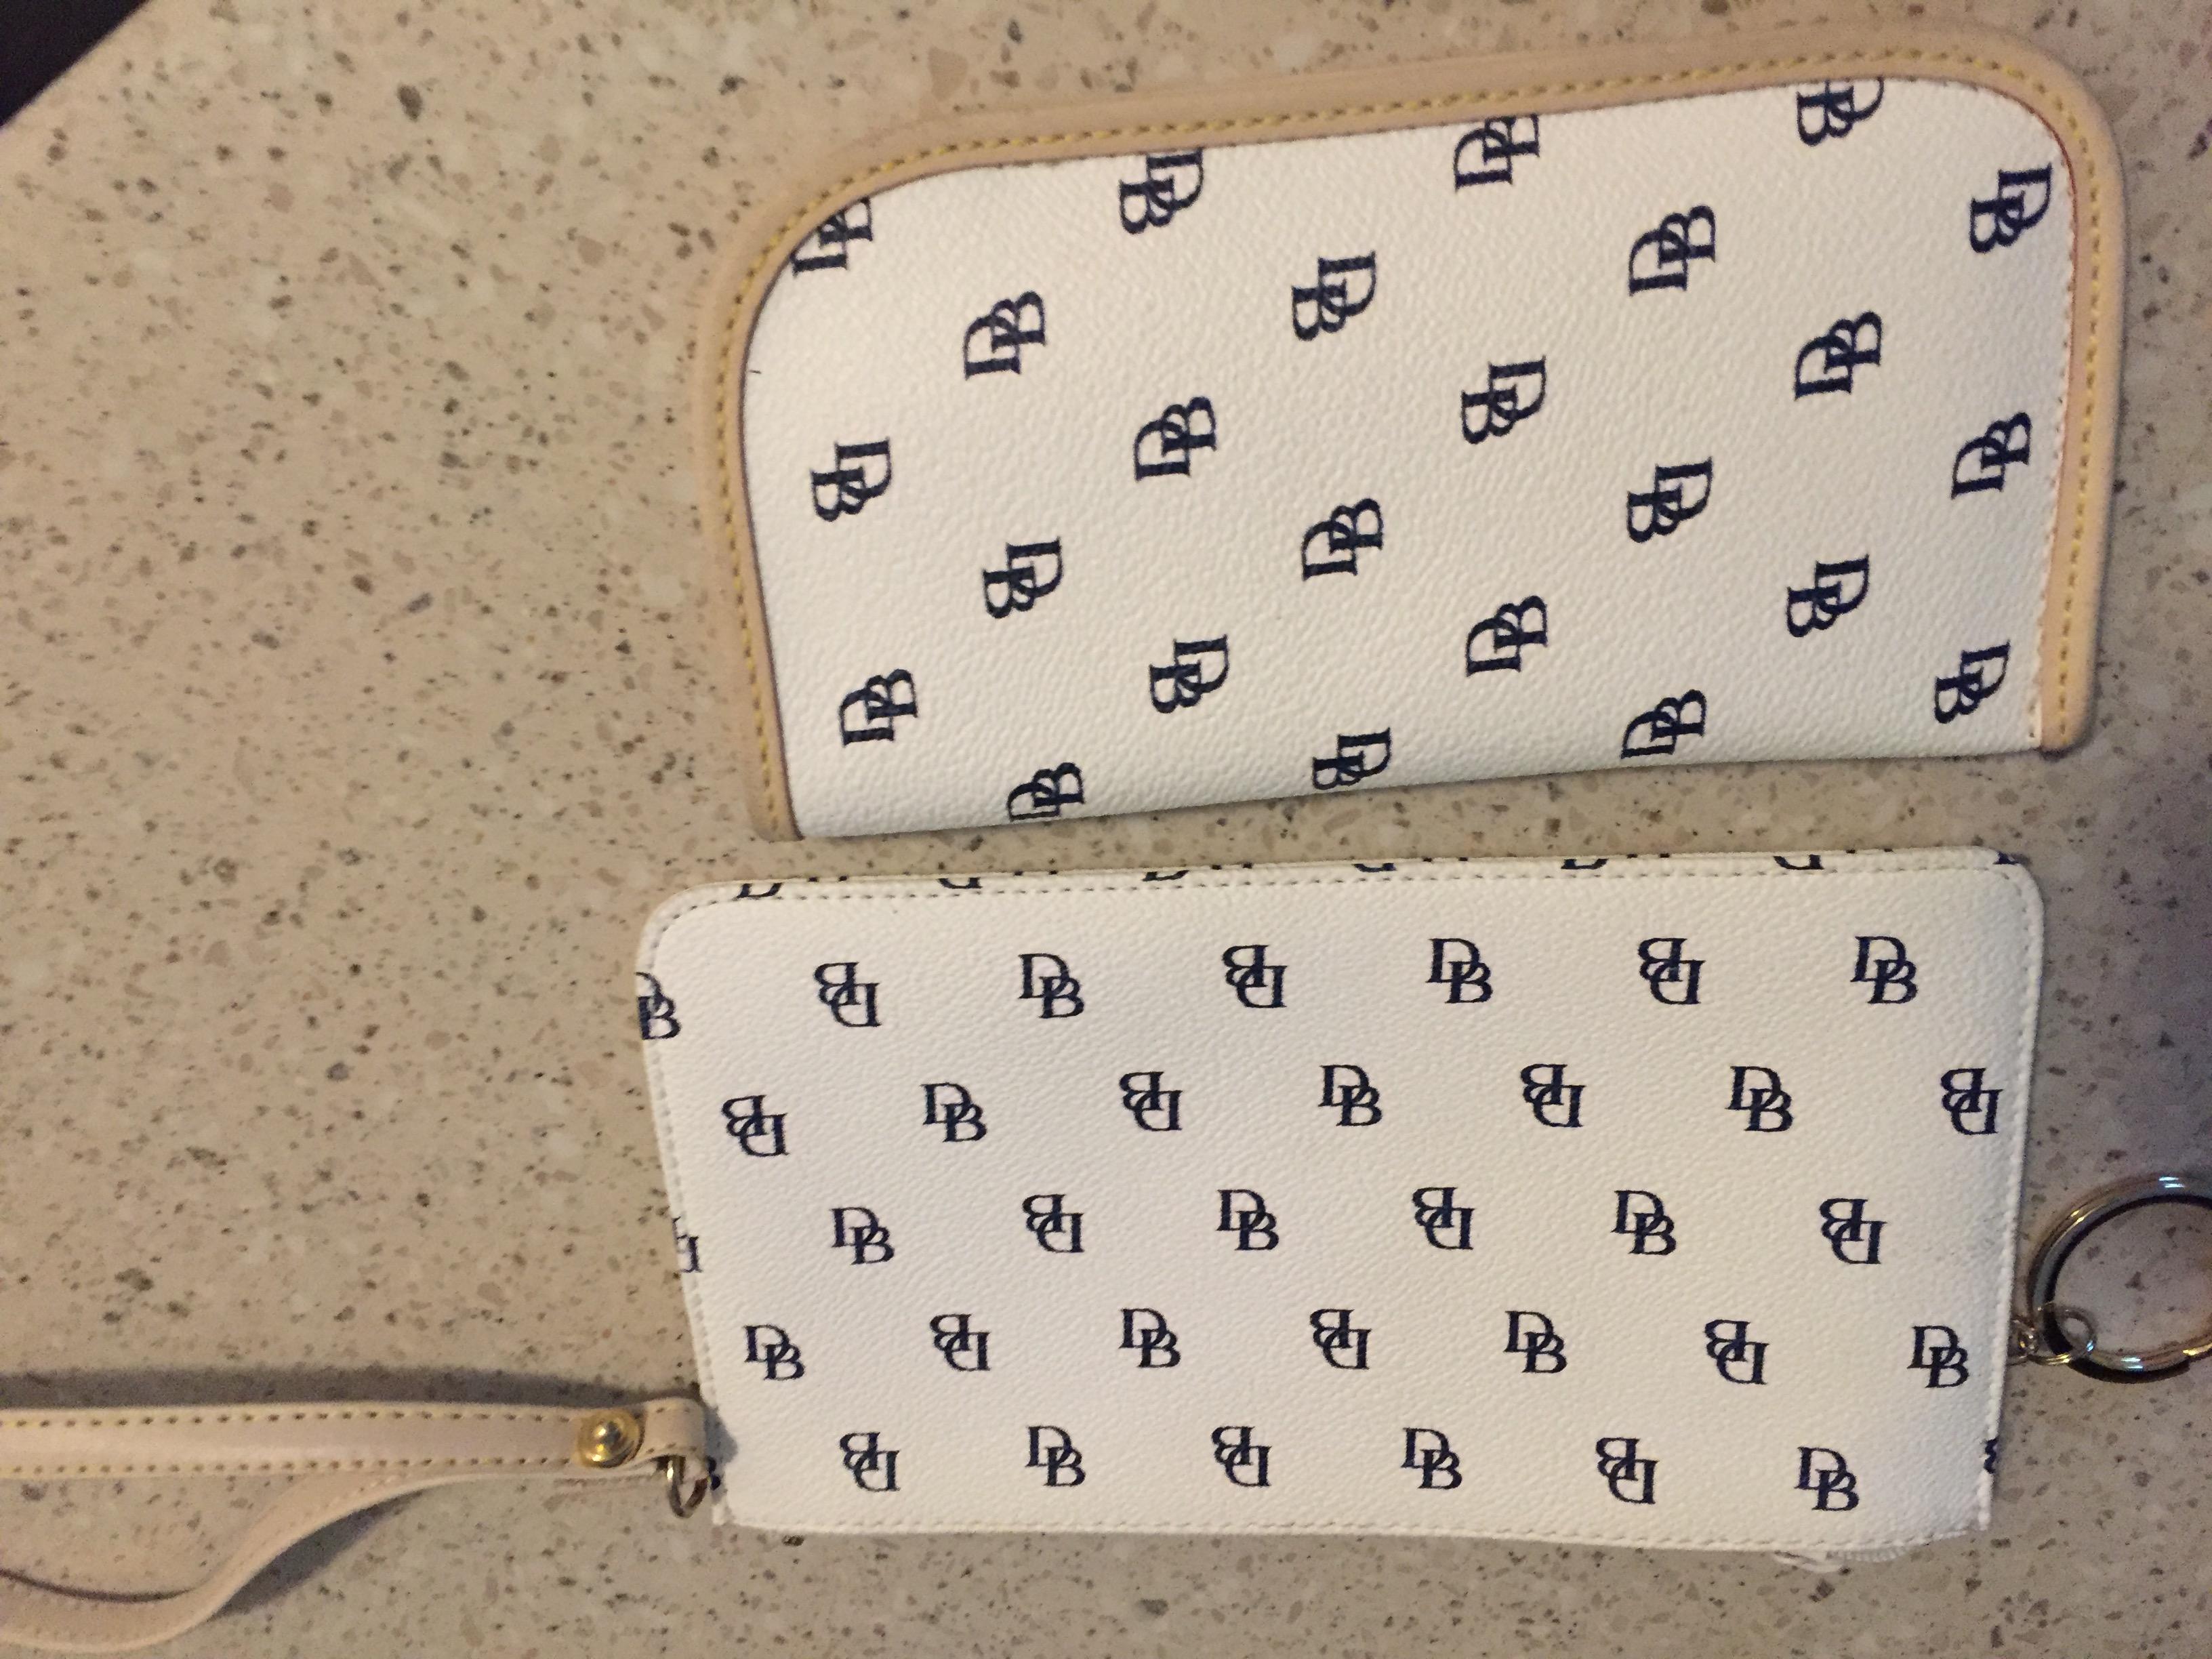 Dooney & Burke eyeglass case and slim zip wristlet